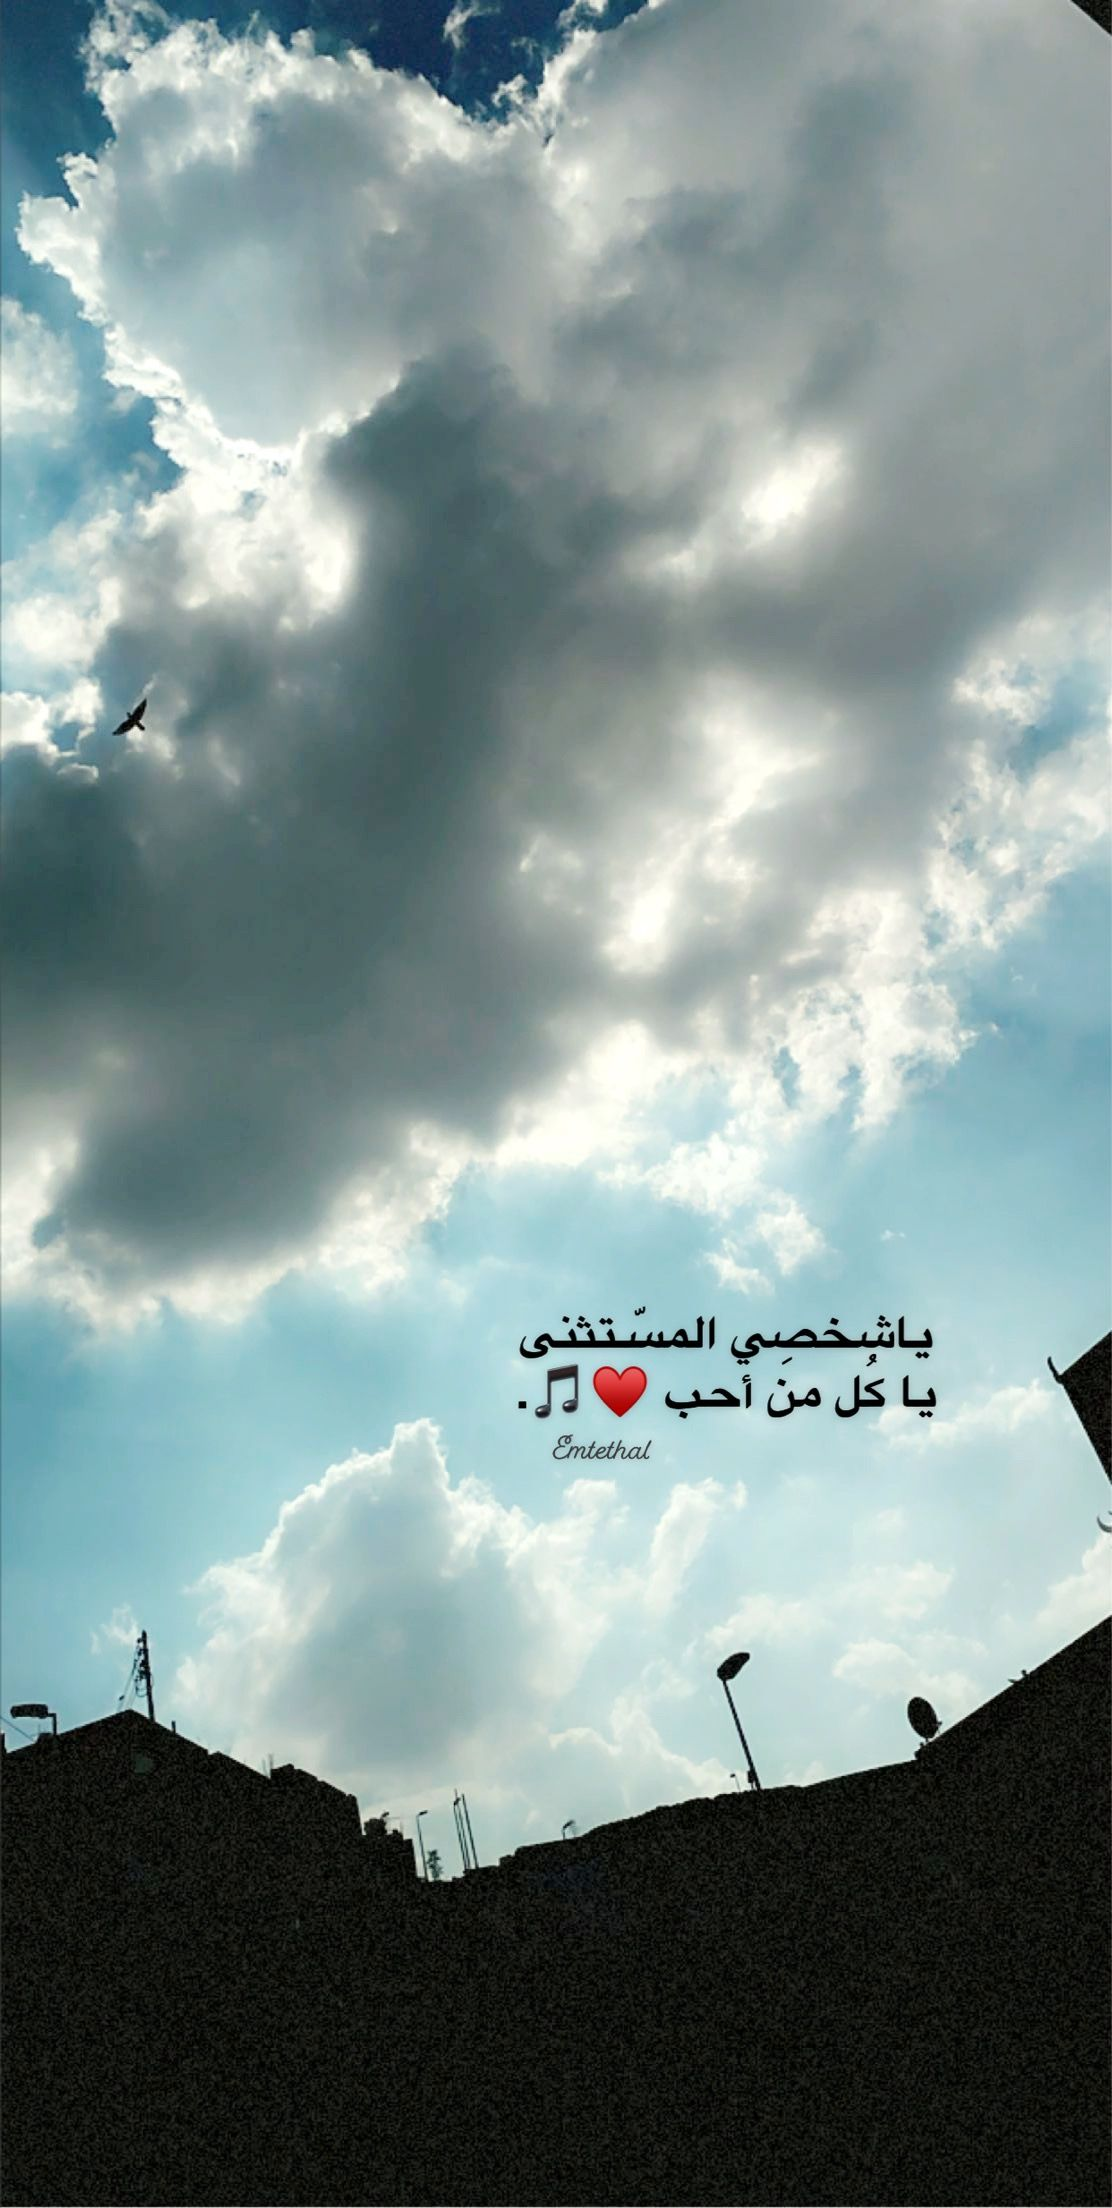 ياشخص ي المس تثنى يا ك ل من أحب Beautiful Nature Wallpaper Beautiful Arabic Words Love Quotes Wallpaper